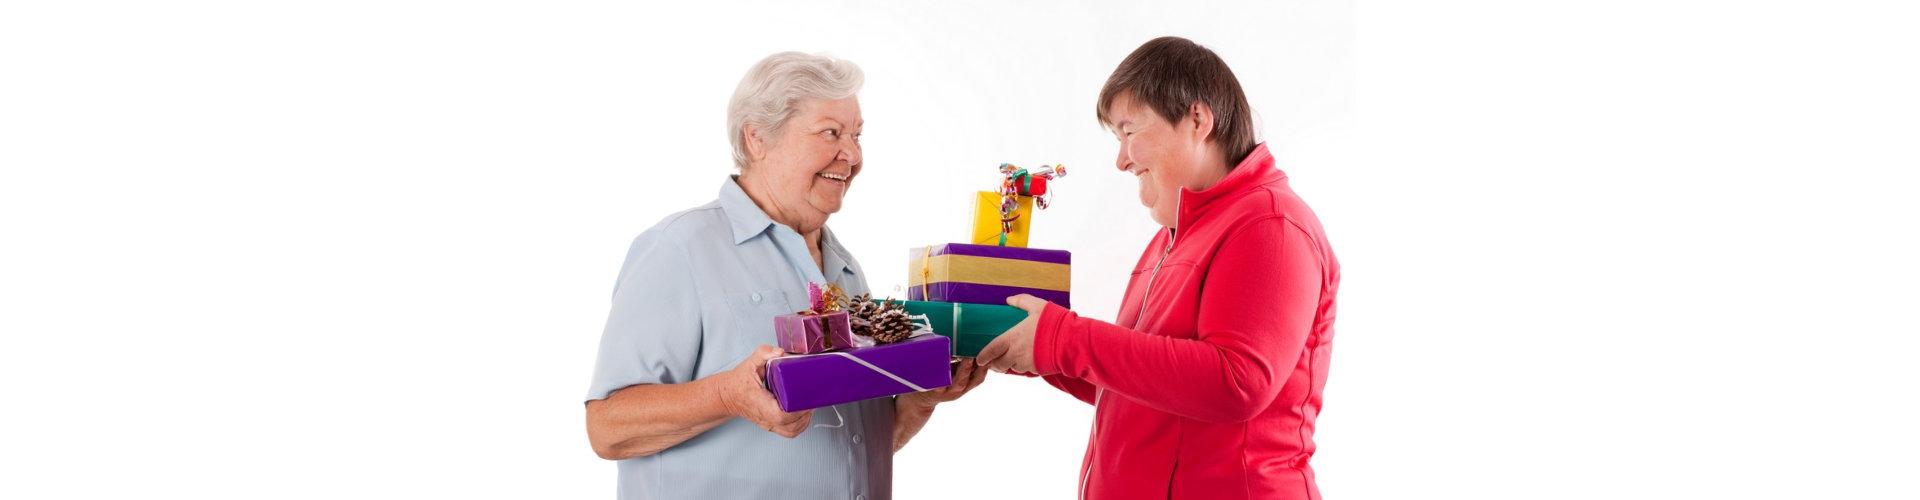 senior exchanging gifts